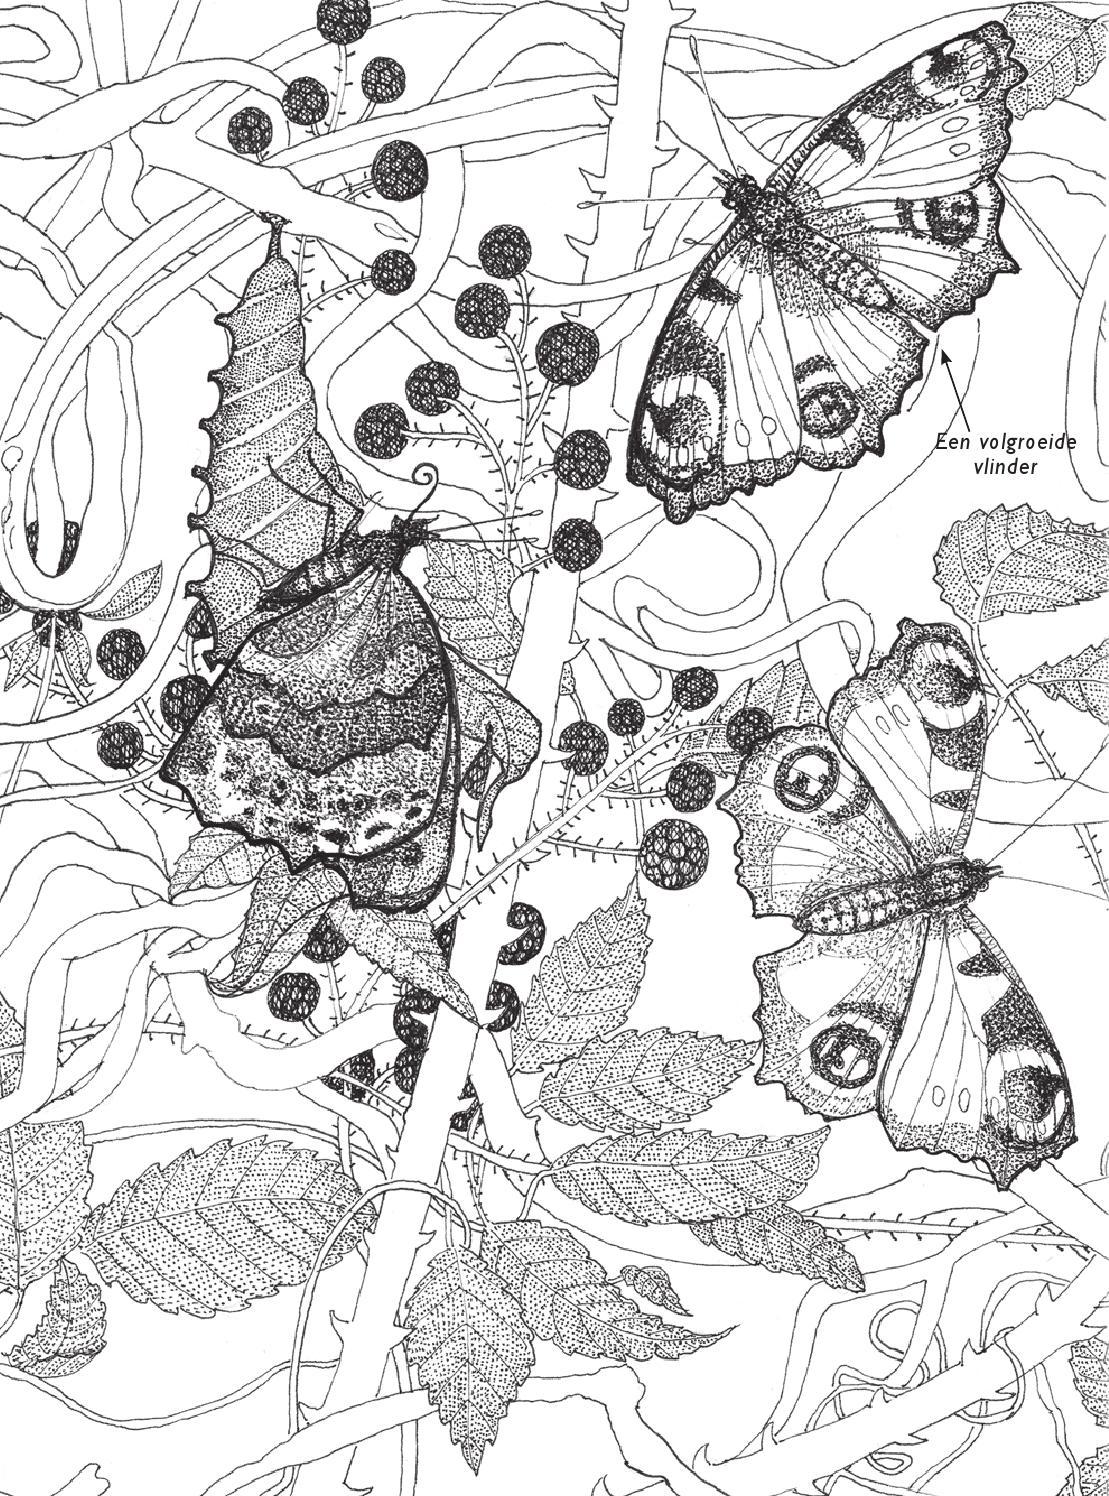 inkijkexemplaar kleurboek voor volwassenen vlinders by